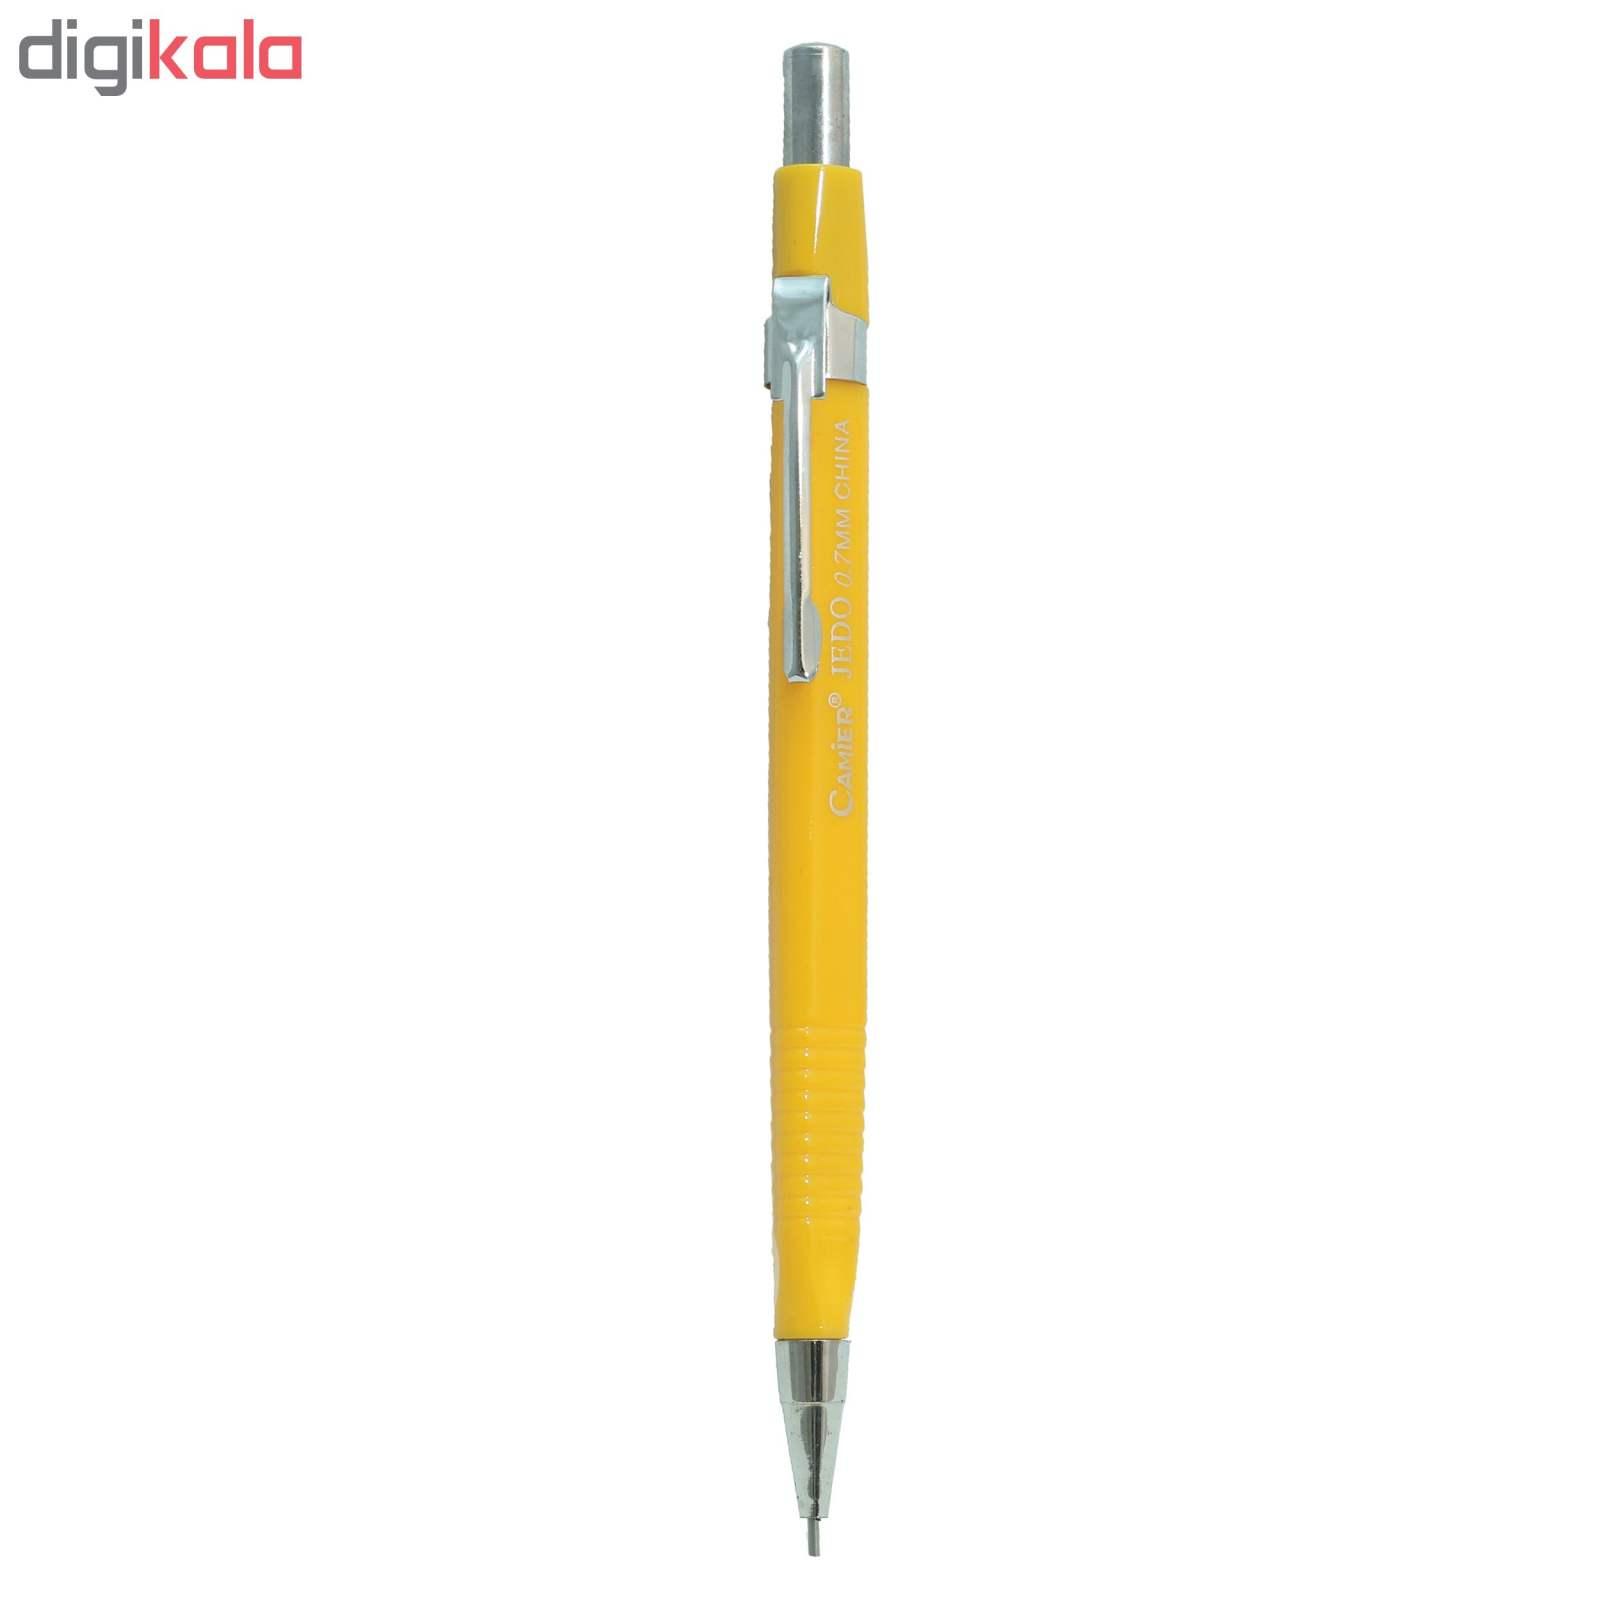 مداد نوکی 0.7 میلی متری جیدو مدل Camier main 1 5